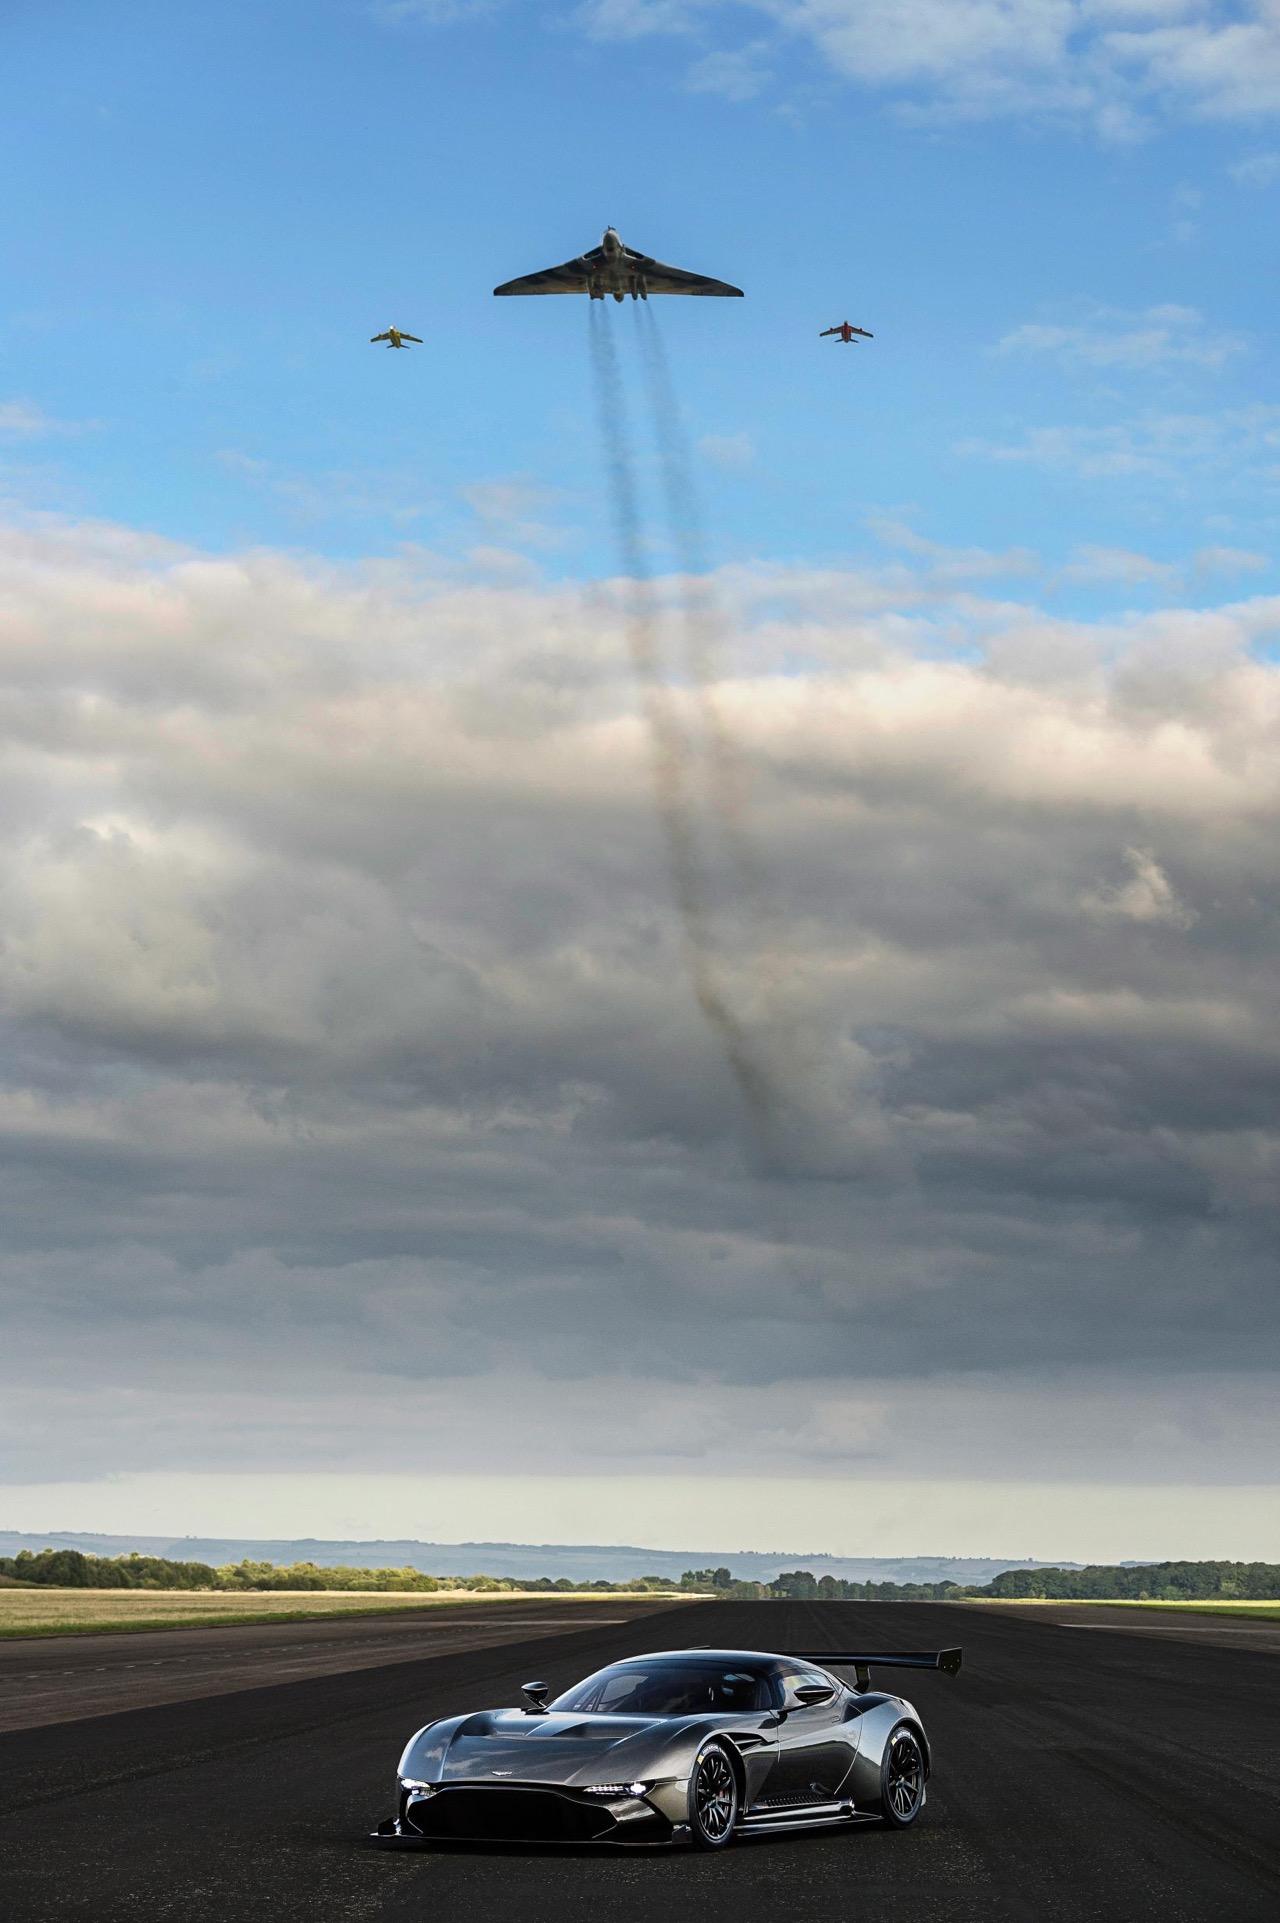 Der letzte Avro Vulcan fliegt über den Aston Martin Vulcan